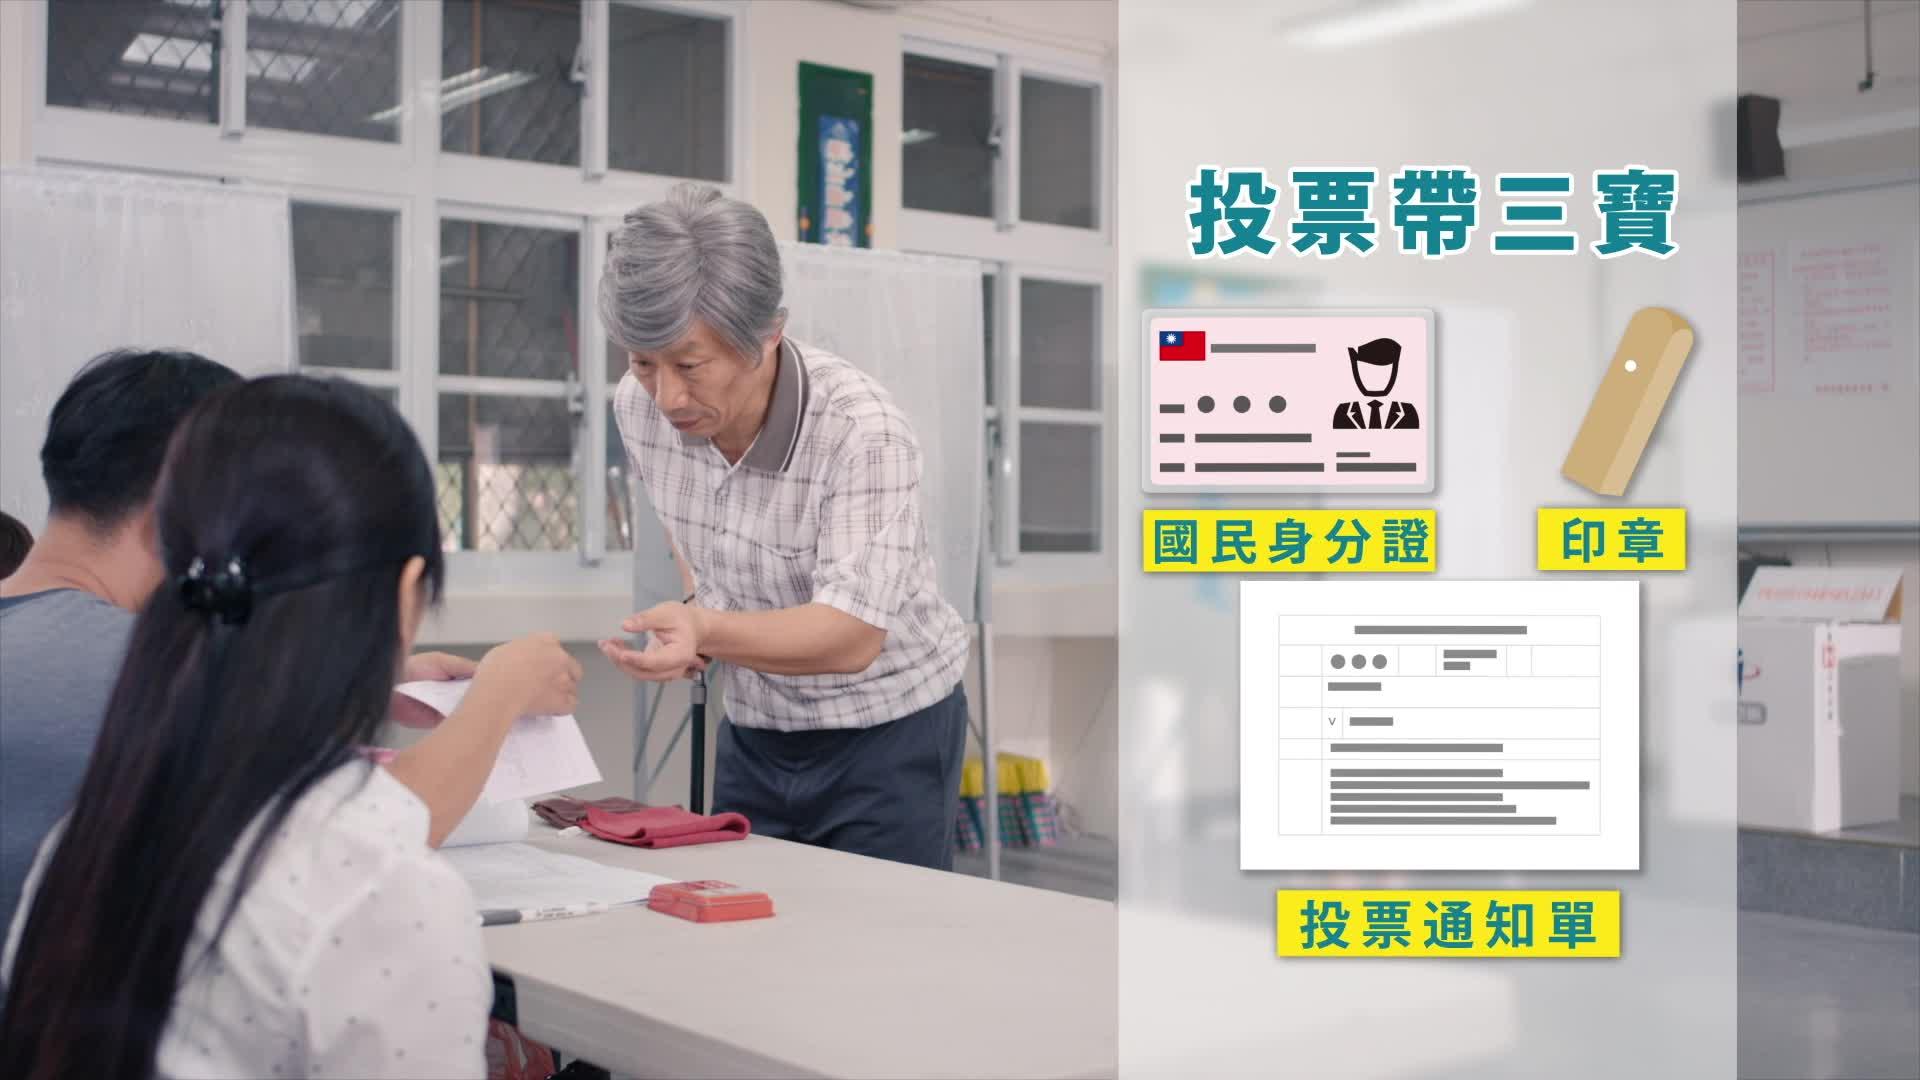 中央選舉委員會-踴躍投票宣傳影片30秒